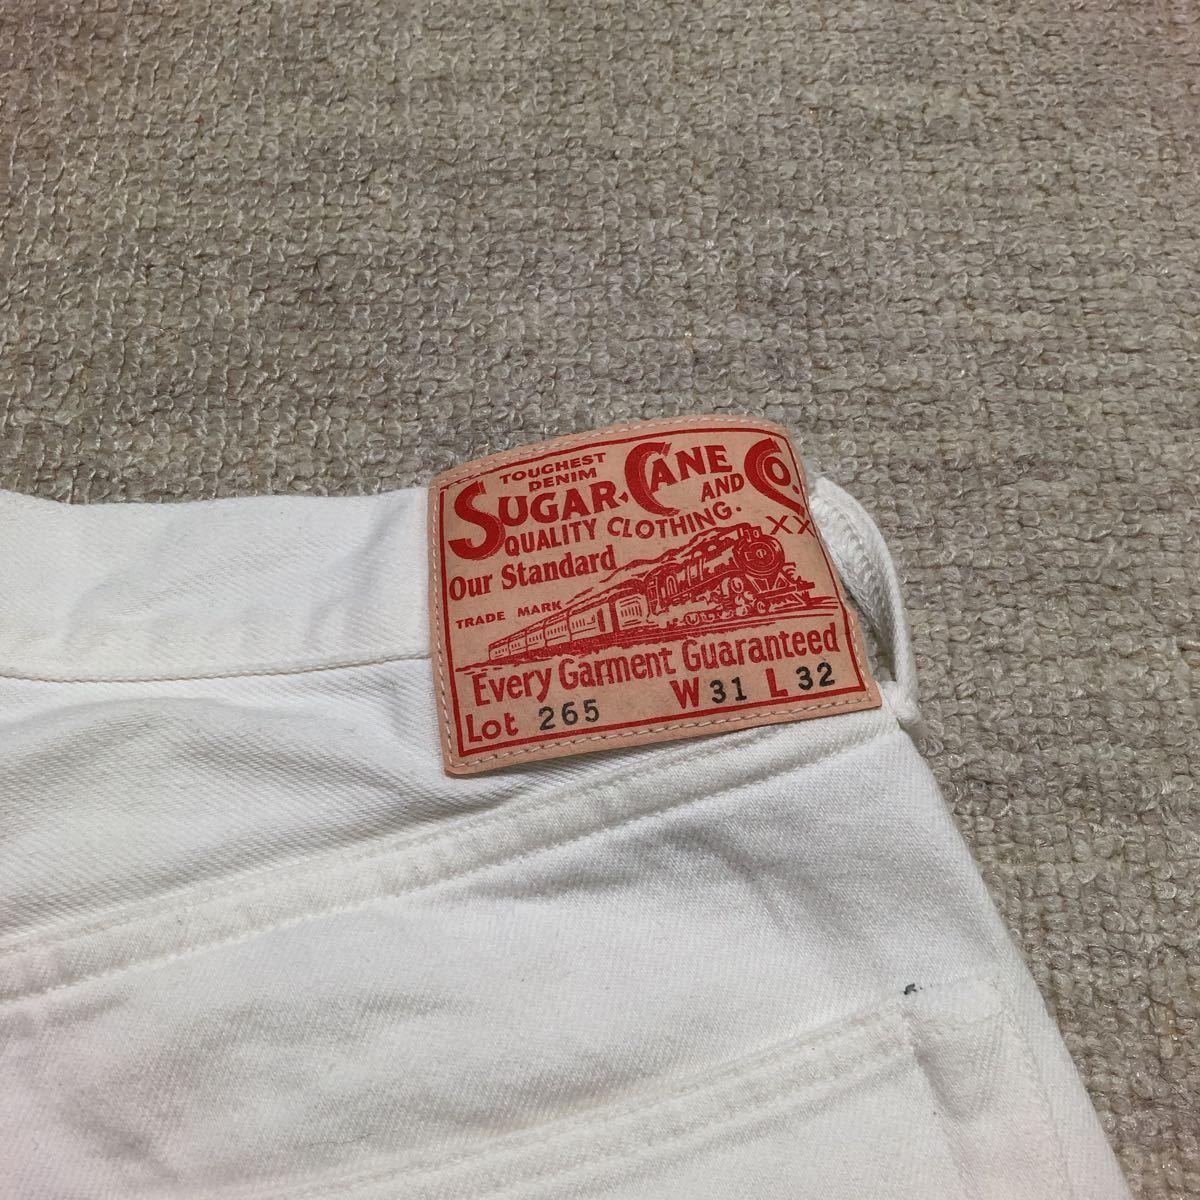 SUGAR CANE Lot265 ホワイトジーンズ W31/検 シュガーケーン バズリクソンズ 東洋 リアルマッコイズ ウエアハウス_画像3